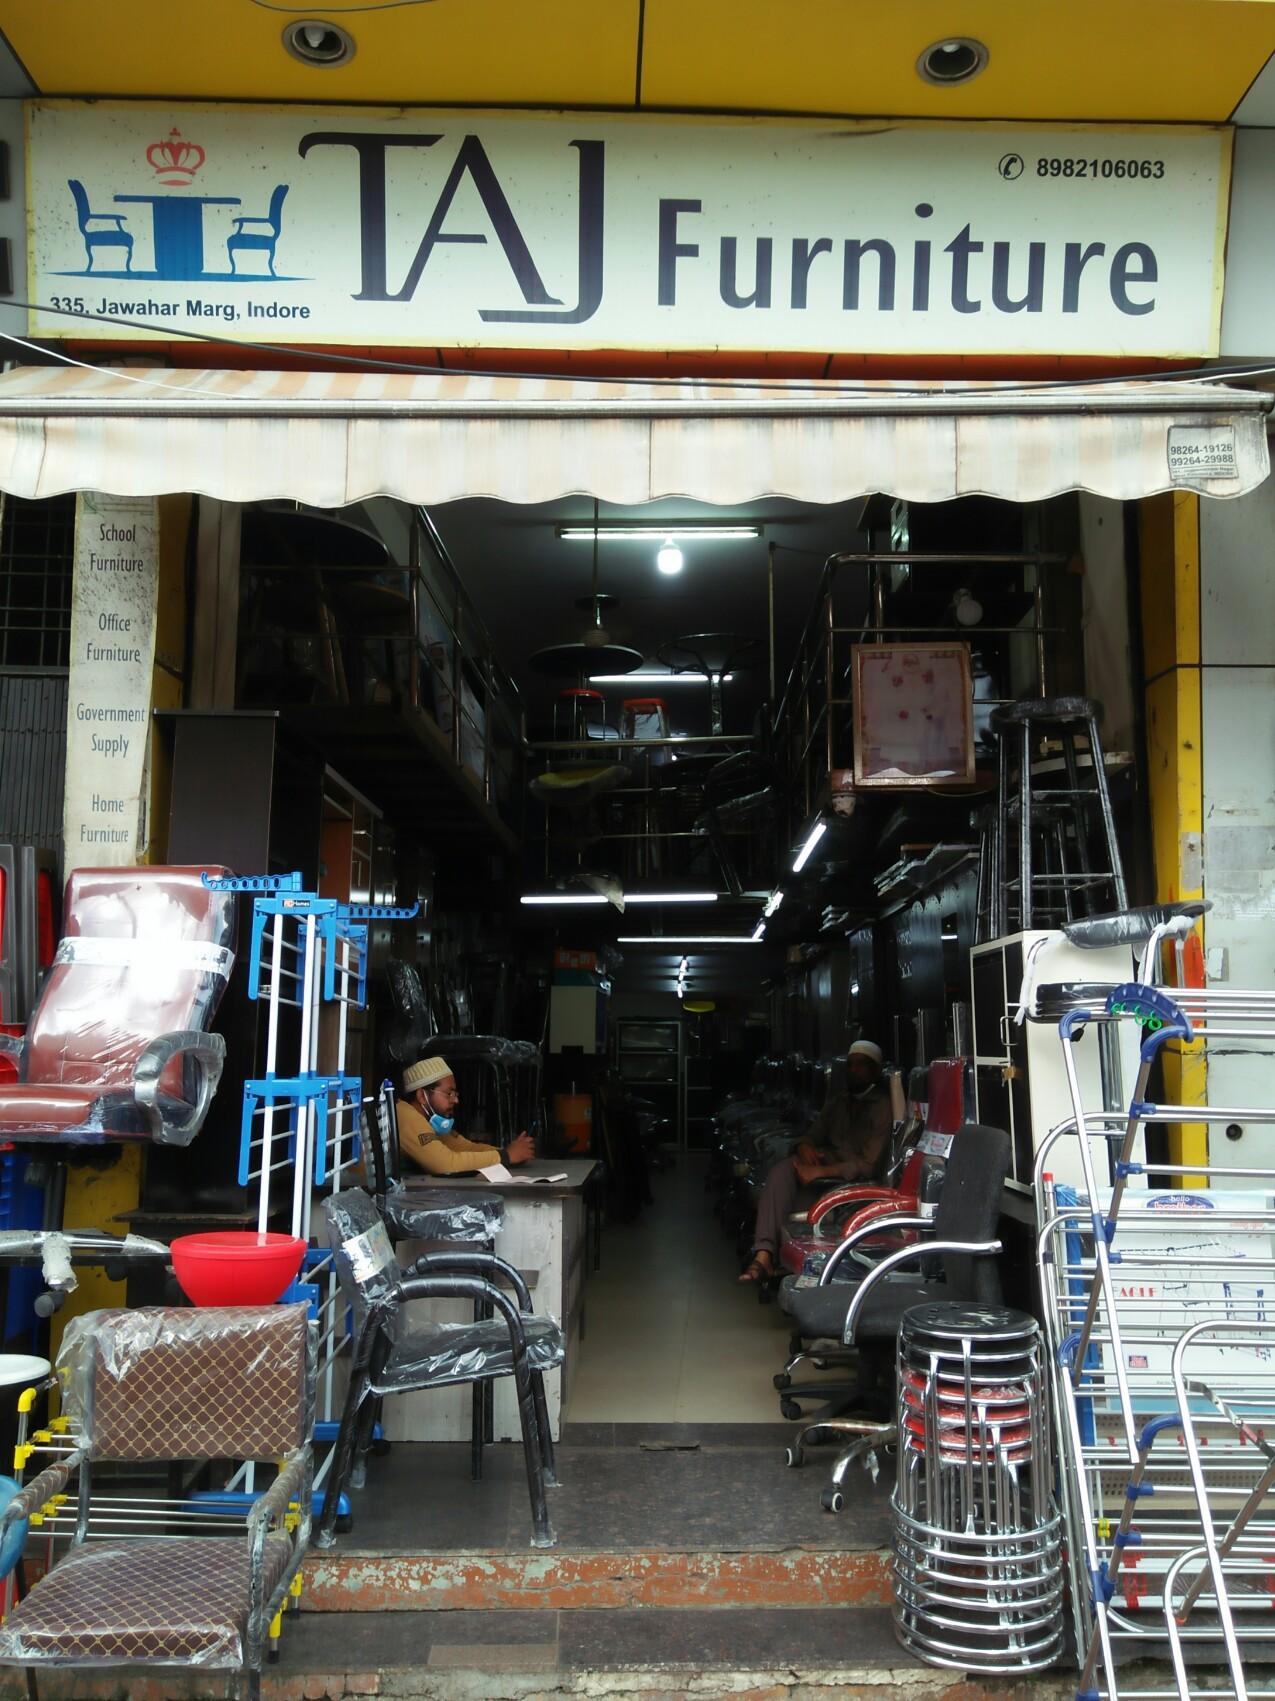 Taj furniture